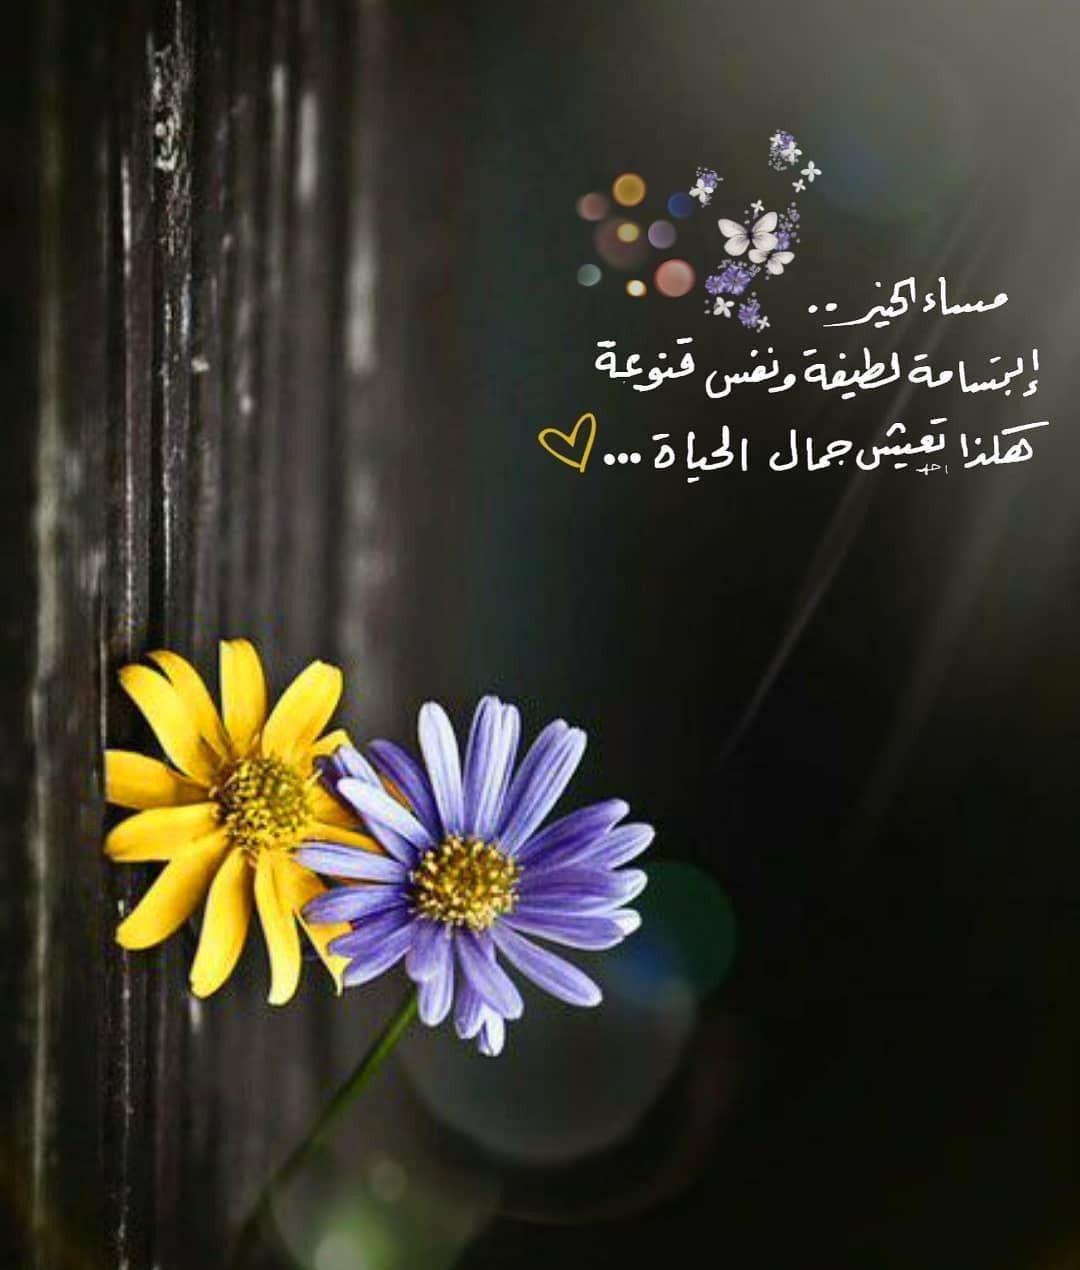 مساء الخير حبيبي Islamic Pictures Morning Images Latte Art Tutorial